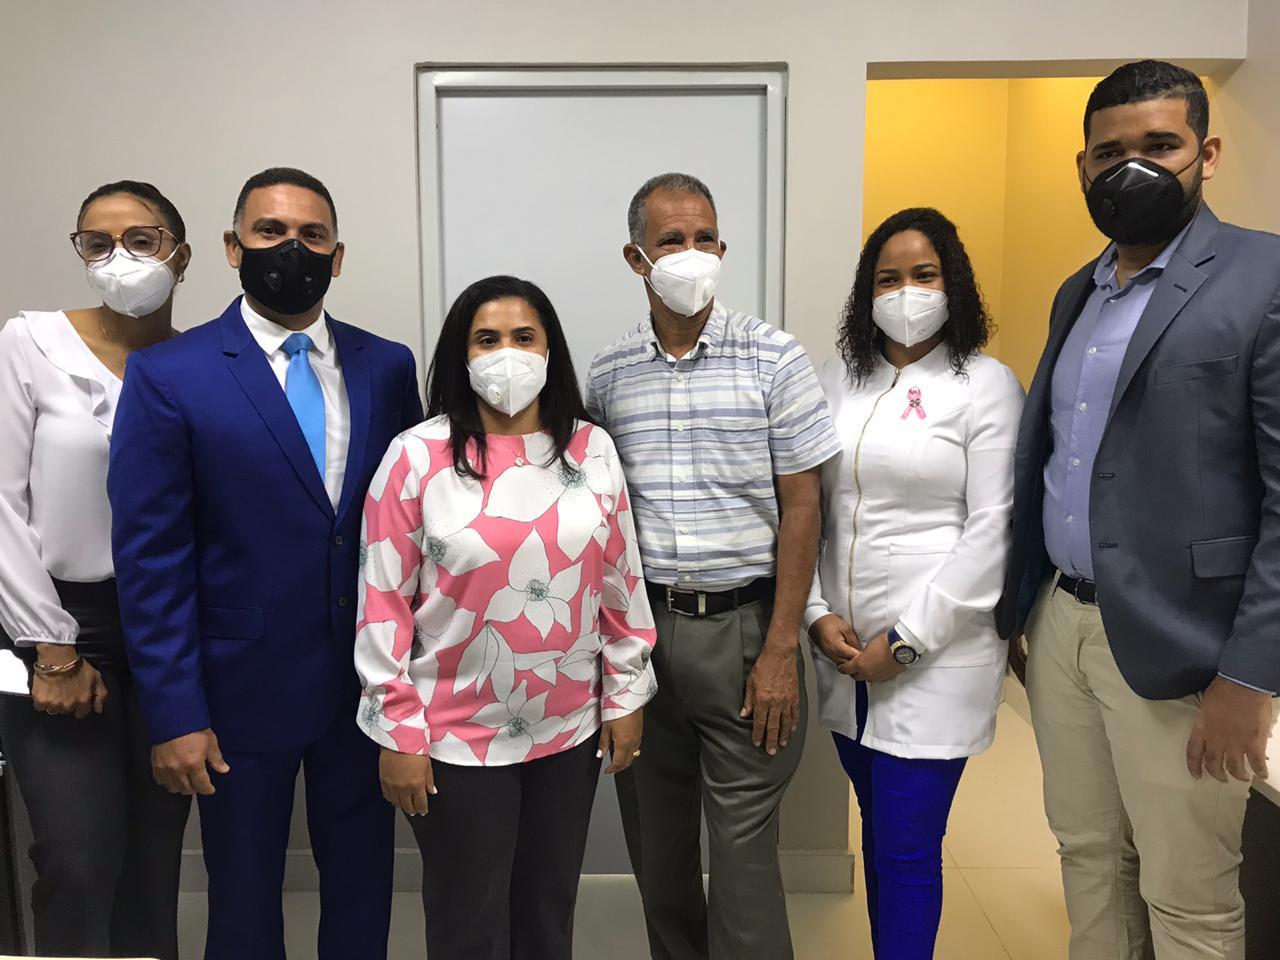 doctora Marilelda Reyes Pérez asume administración general Hospital Ciudad Juan Bosch (HCJB). Su gestión estará enfocada en trabajar en equipo